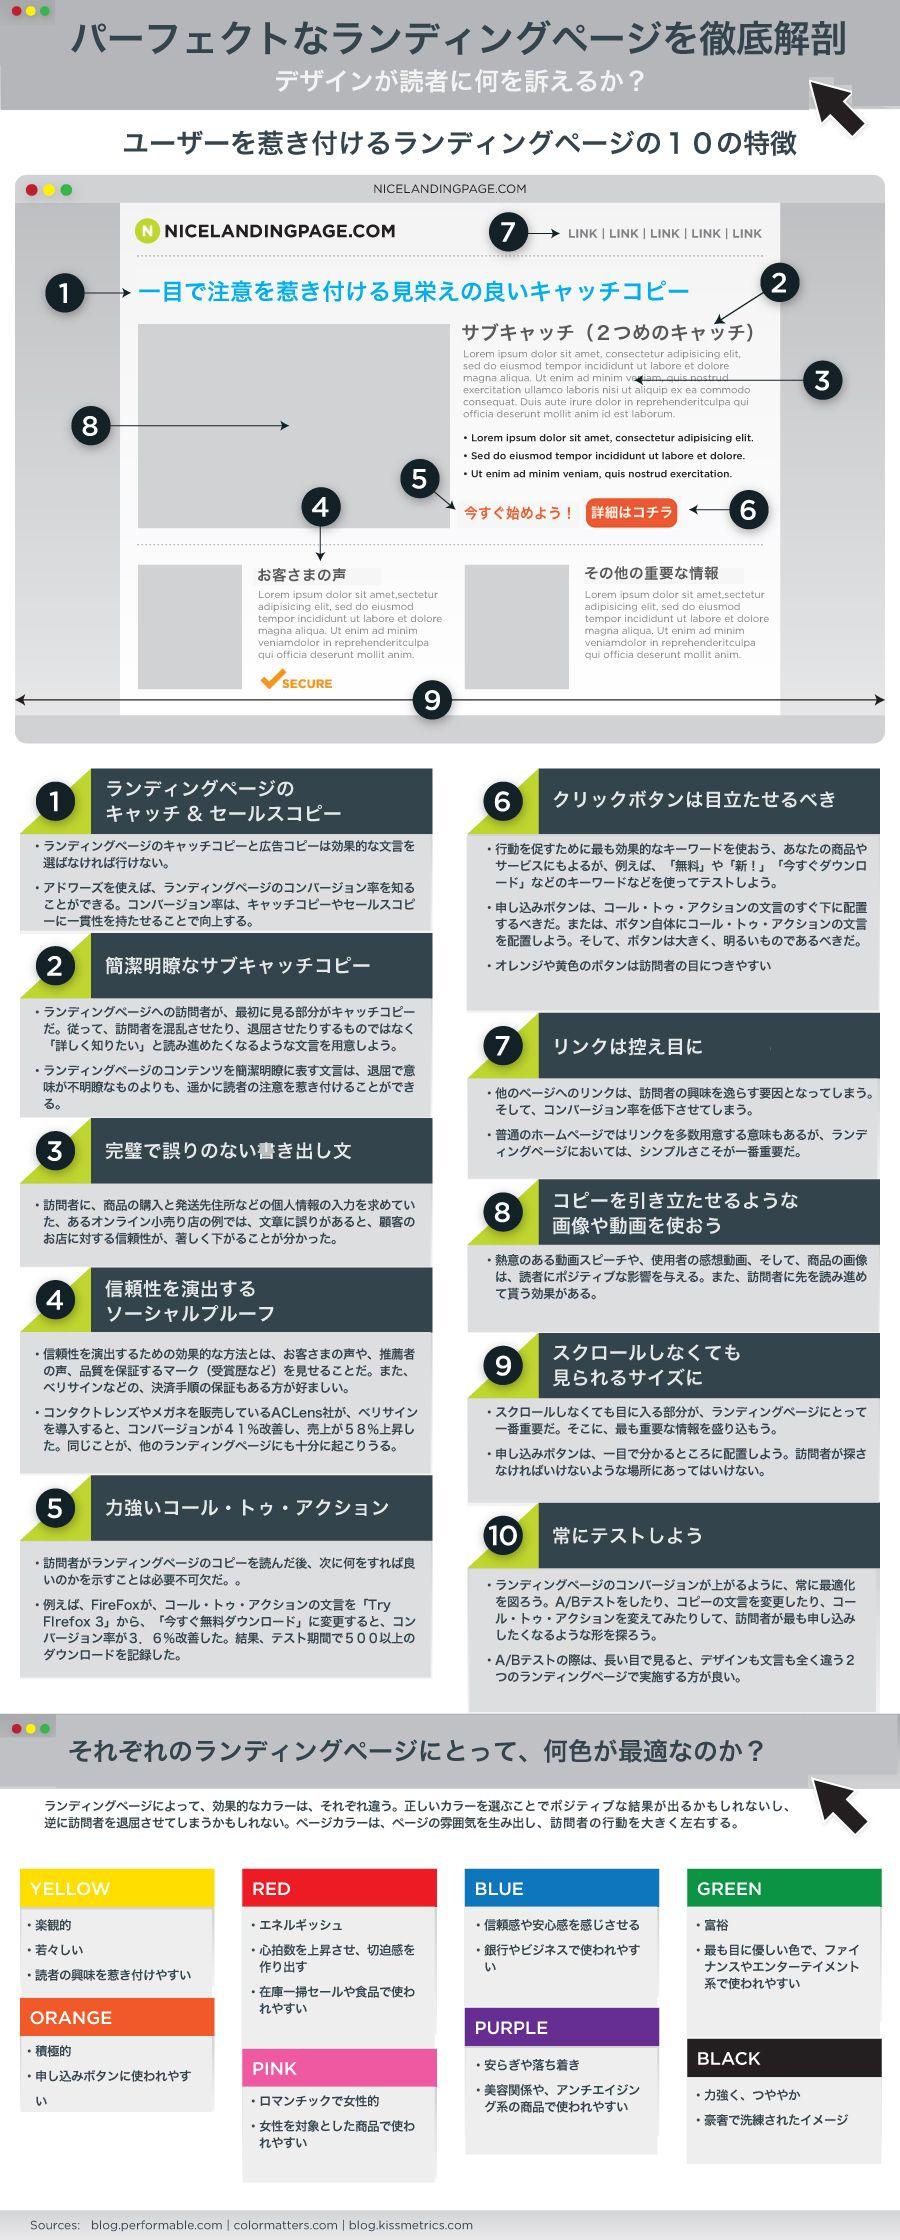 売れるランディングページデザインの10の特徴